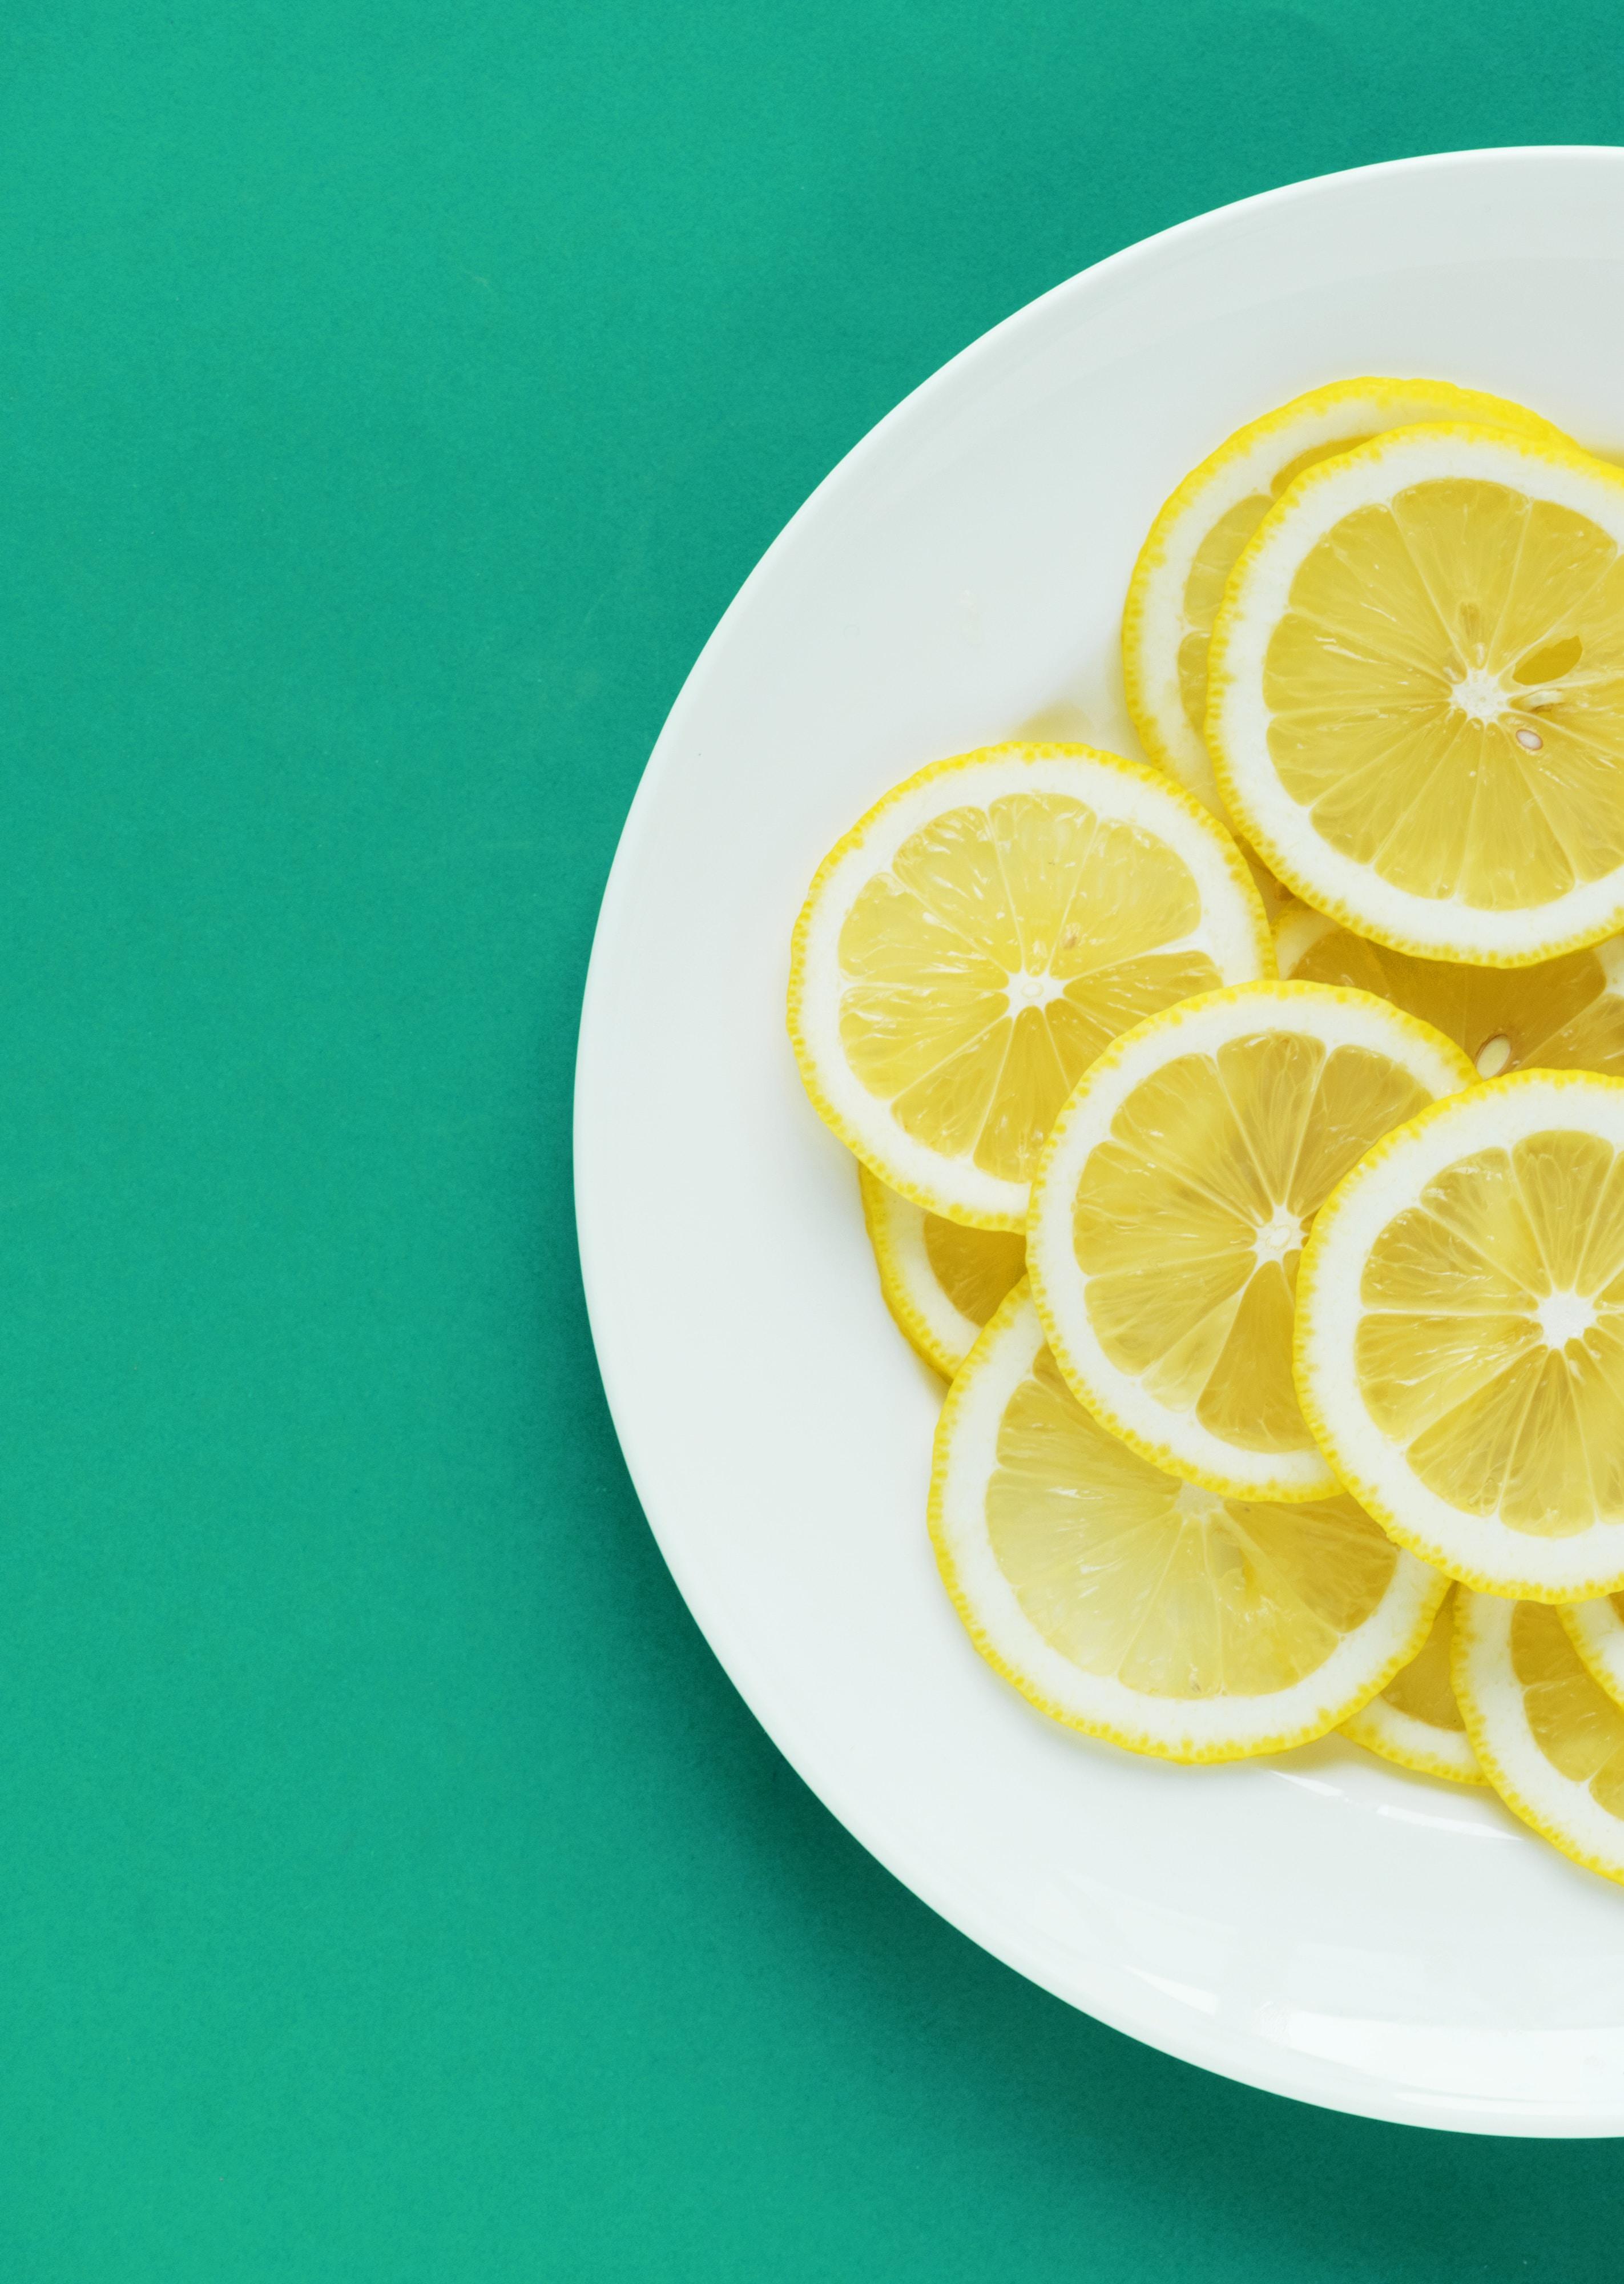 sliced lemons on white plate